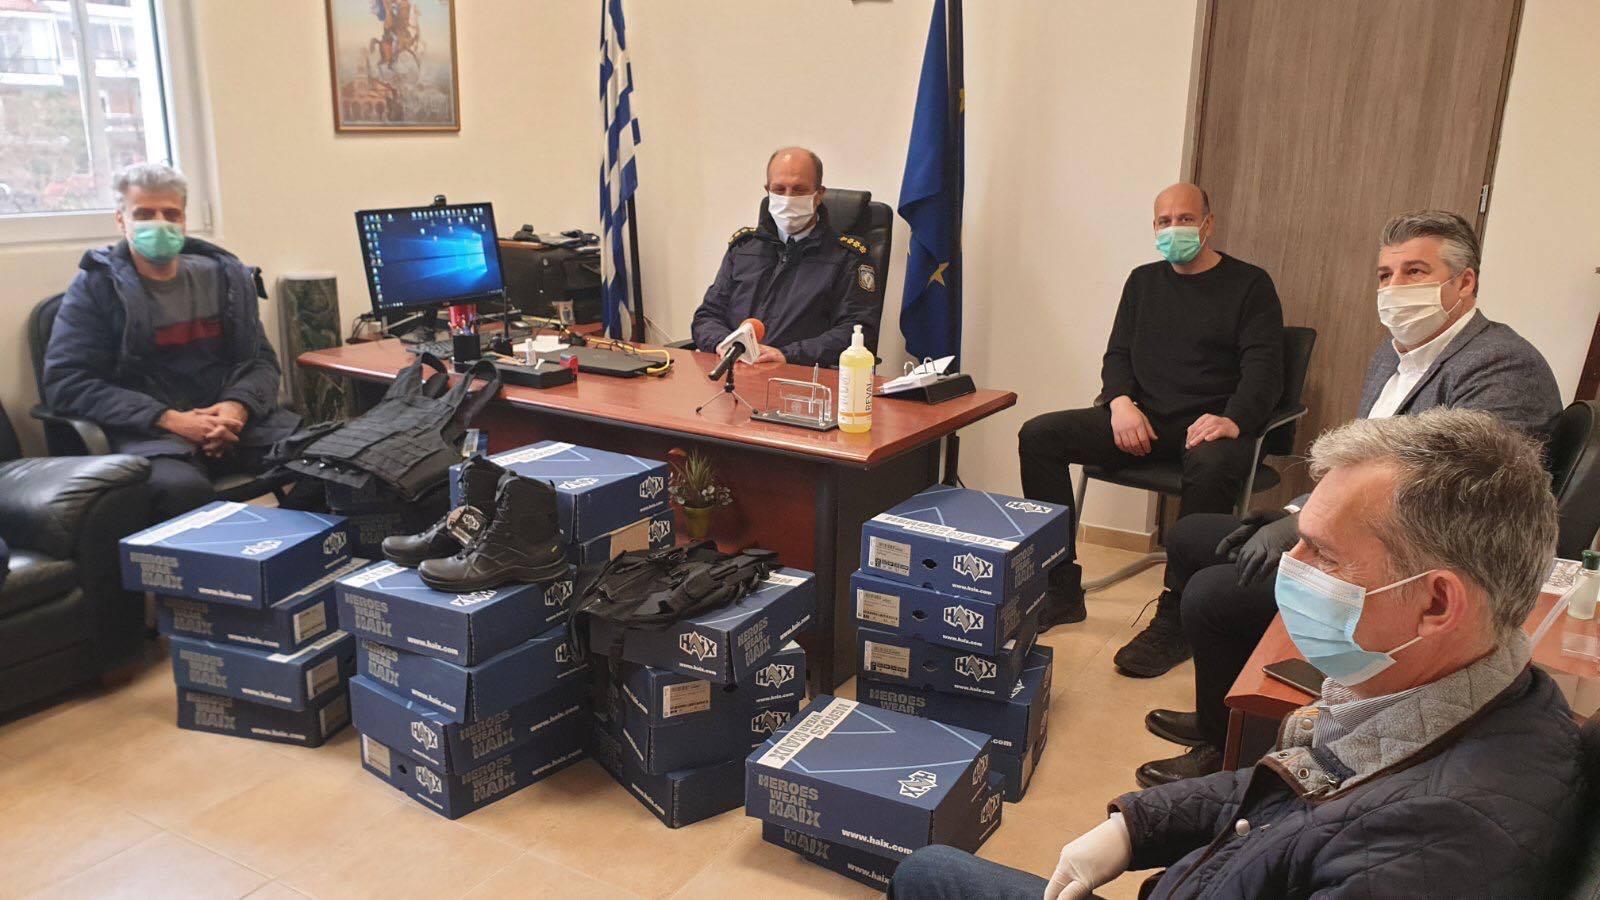 Παράδοση δωρεάς υλικού για την Αστυνομική Διεύθυνση Ορεστιάδας από την Κεντρική Ένωση Επιμελητηρίων Ελλάδος